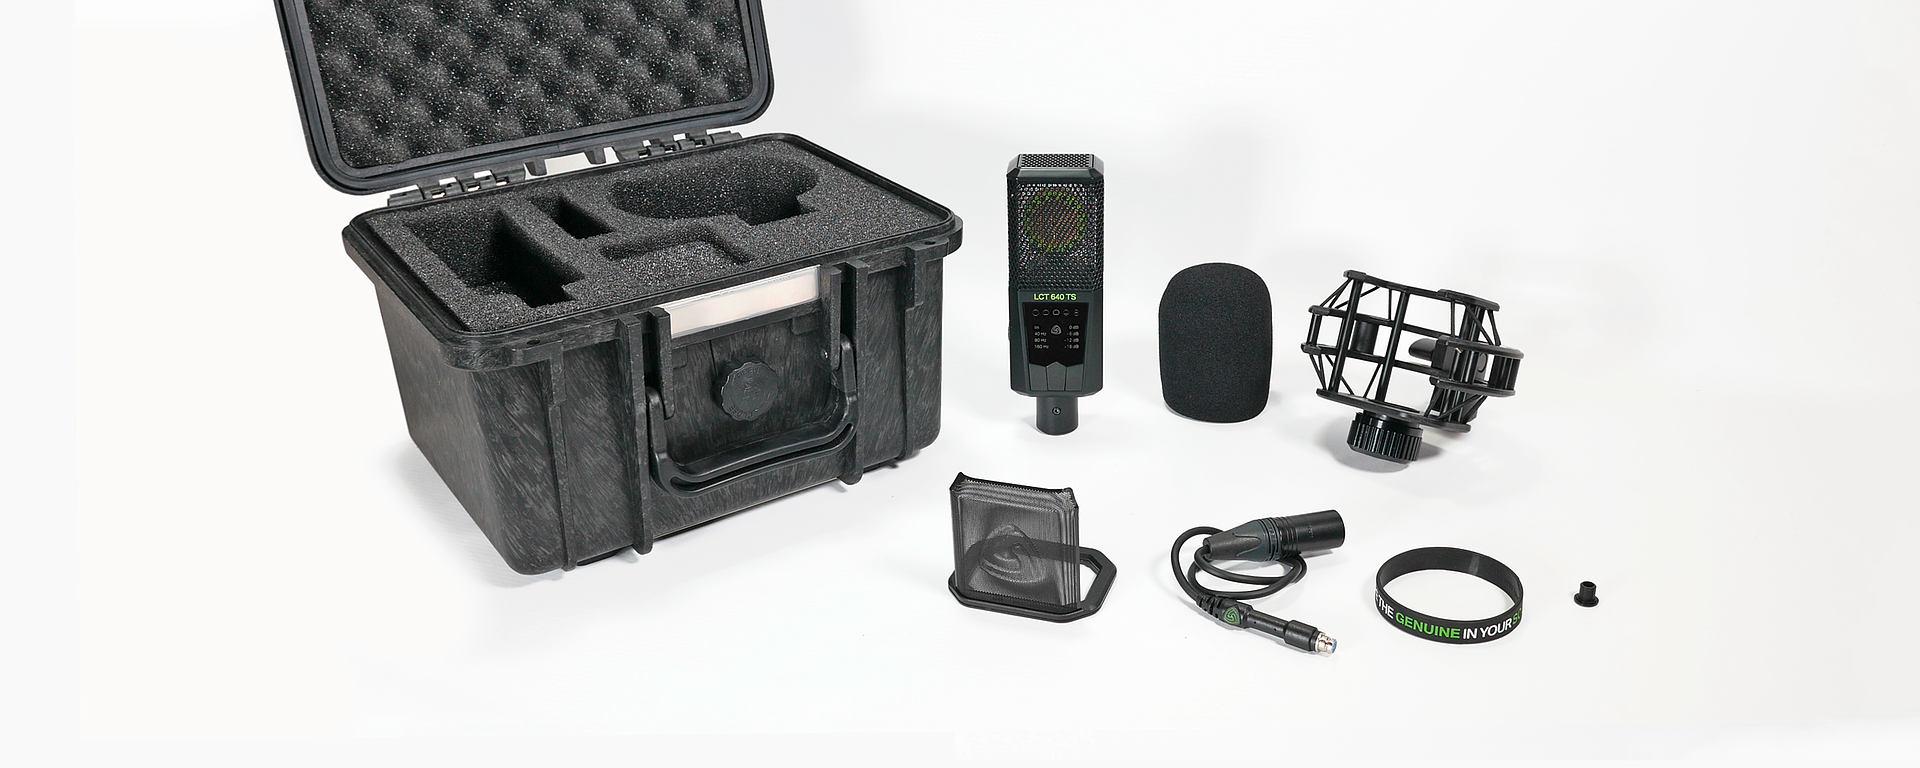 LCT 640 TS box content